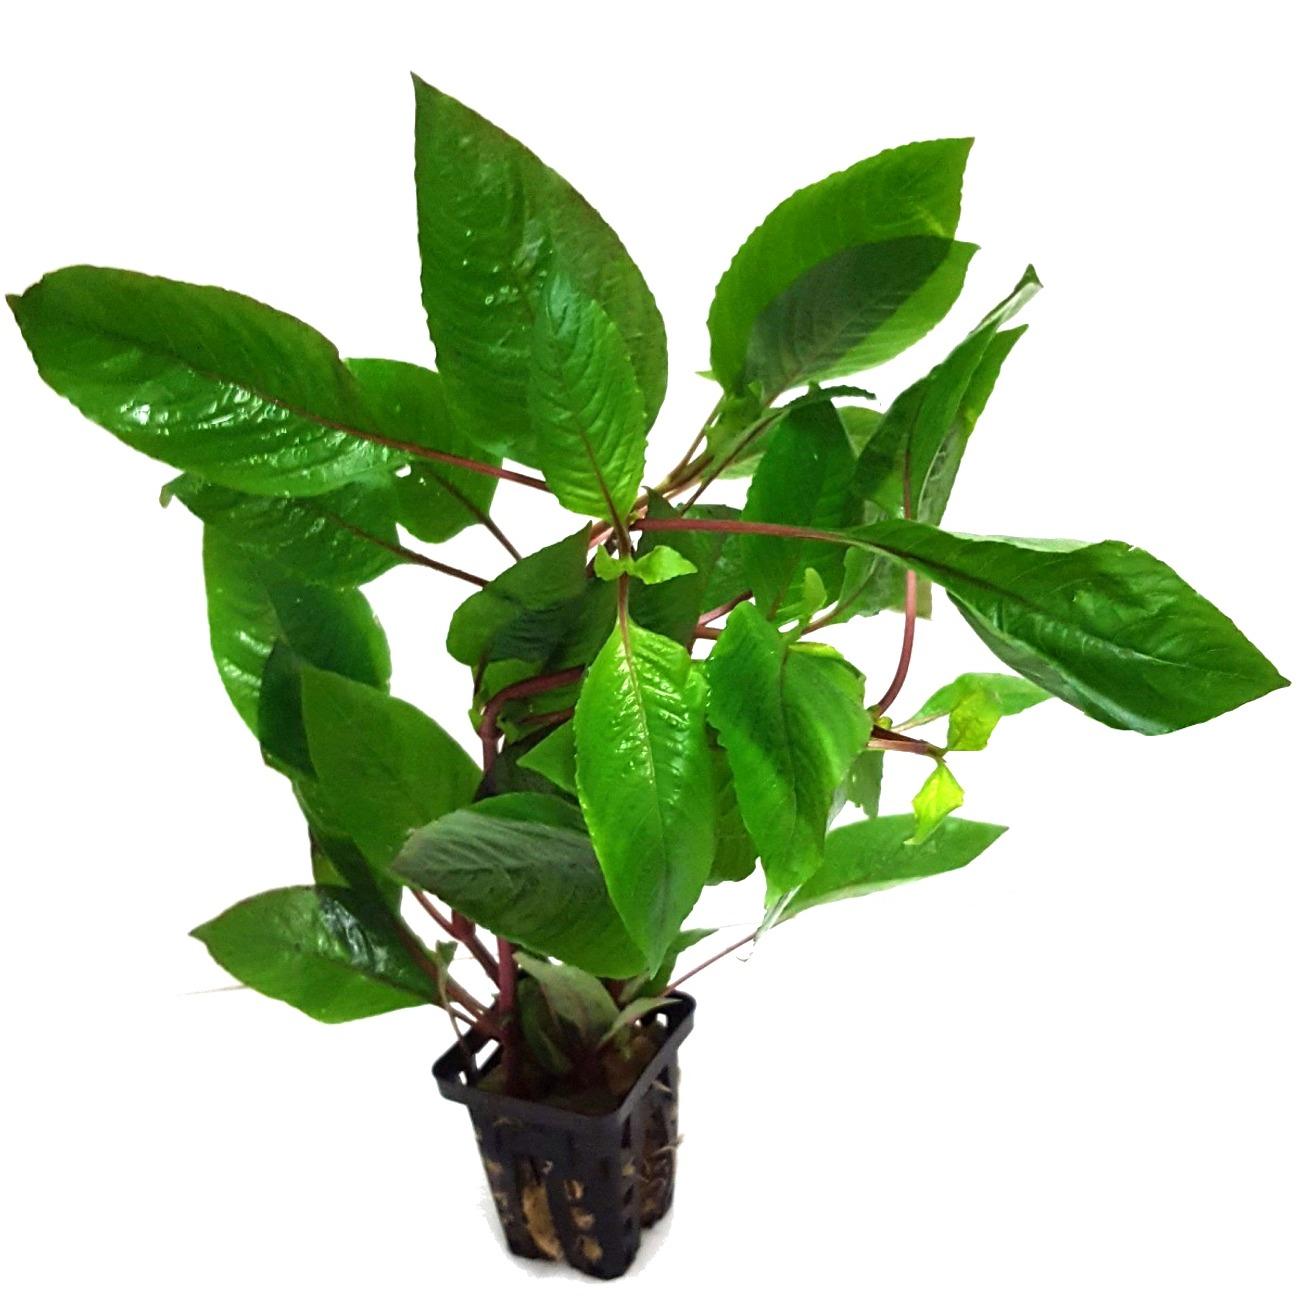 Hygrophila corymbosa verte plante d\'aquarium en pot de diamètre 5 cm